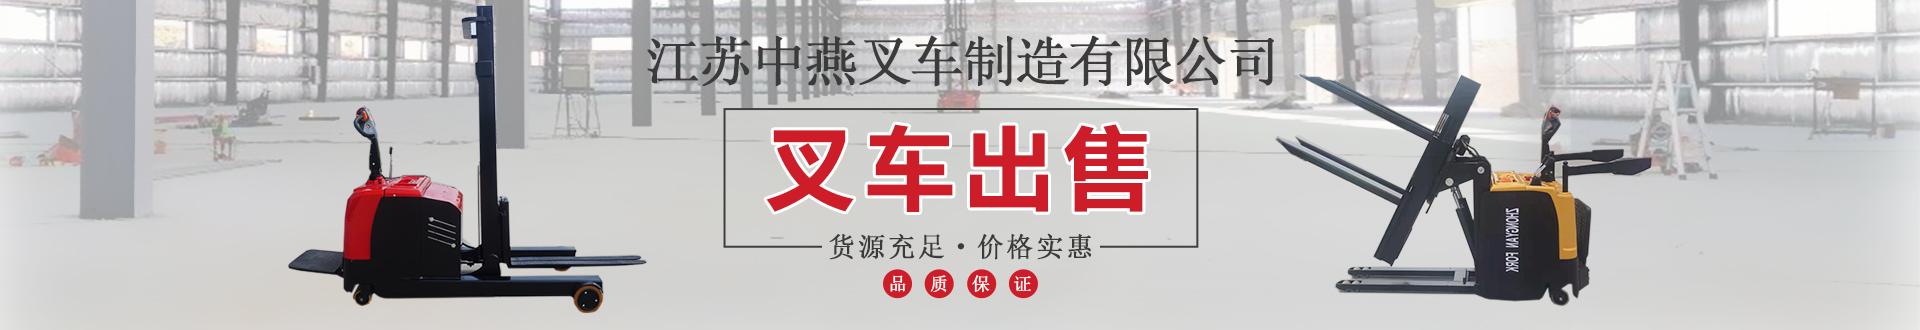 江苏中燕叉车制造有限公司